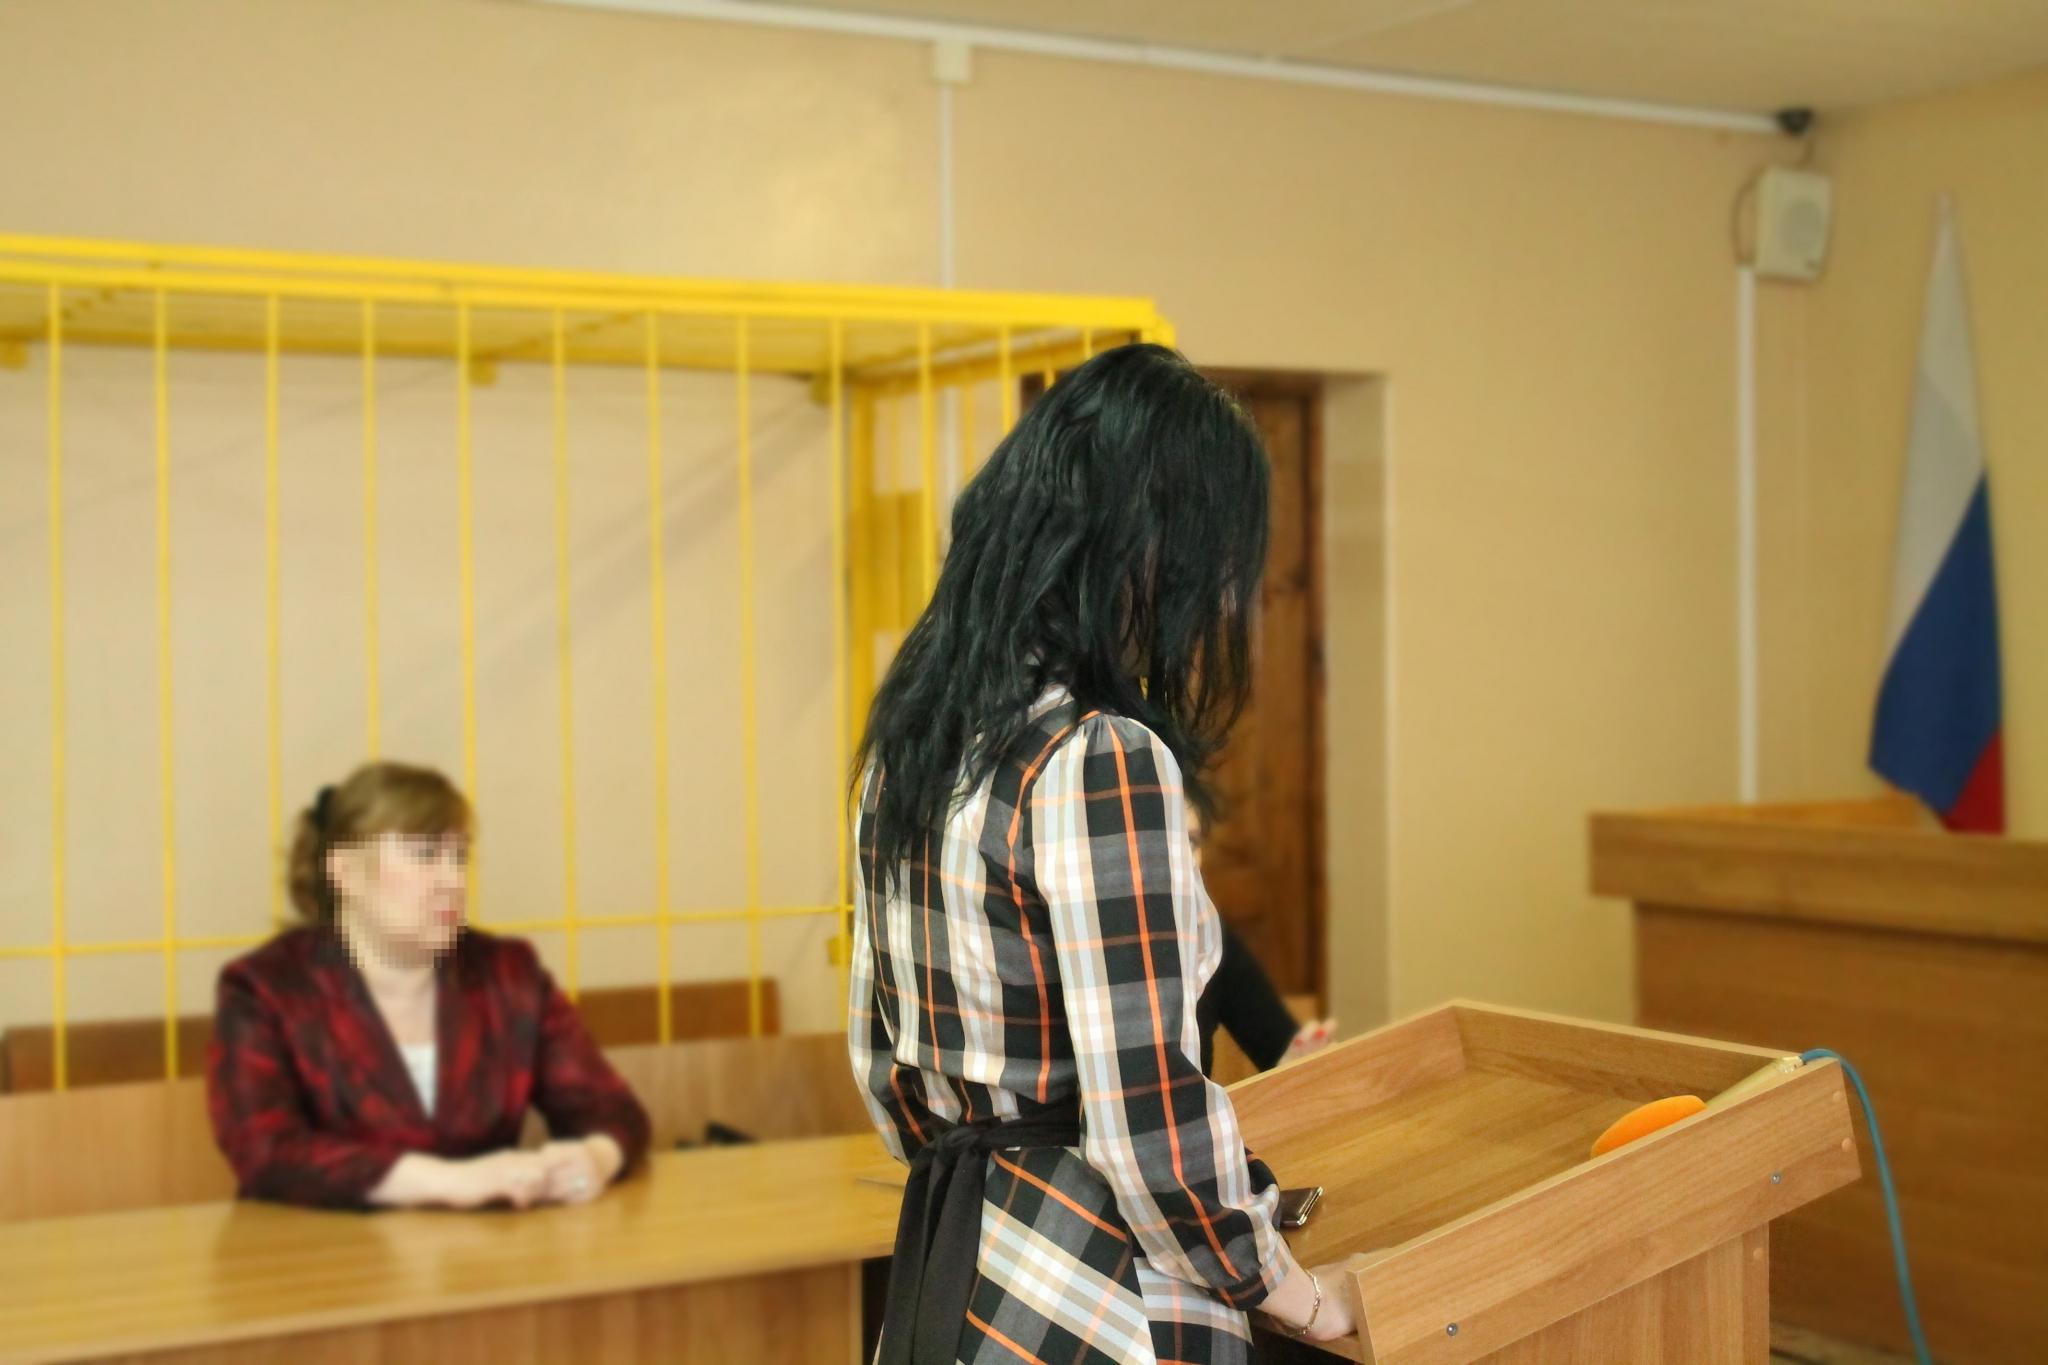 В Чепецке женщина украла ноутбук и продала его за 500 рублей